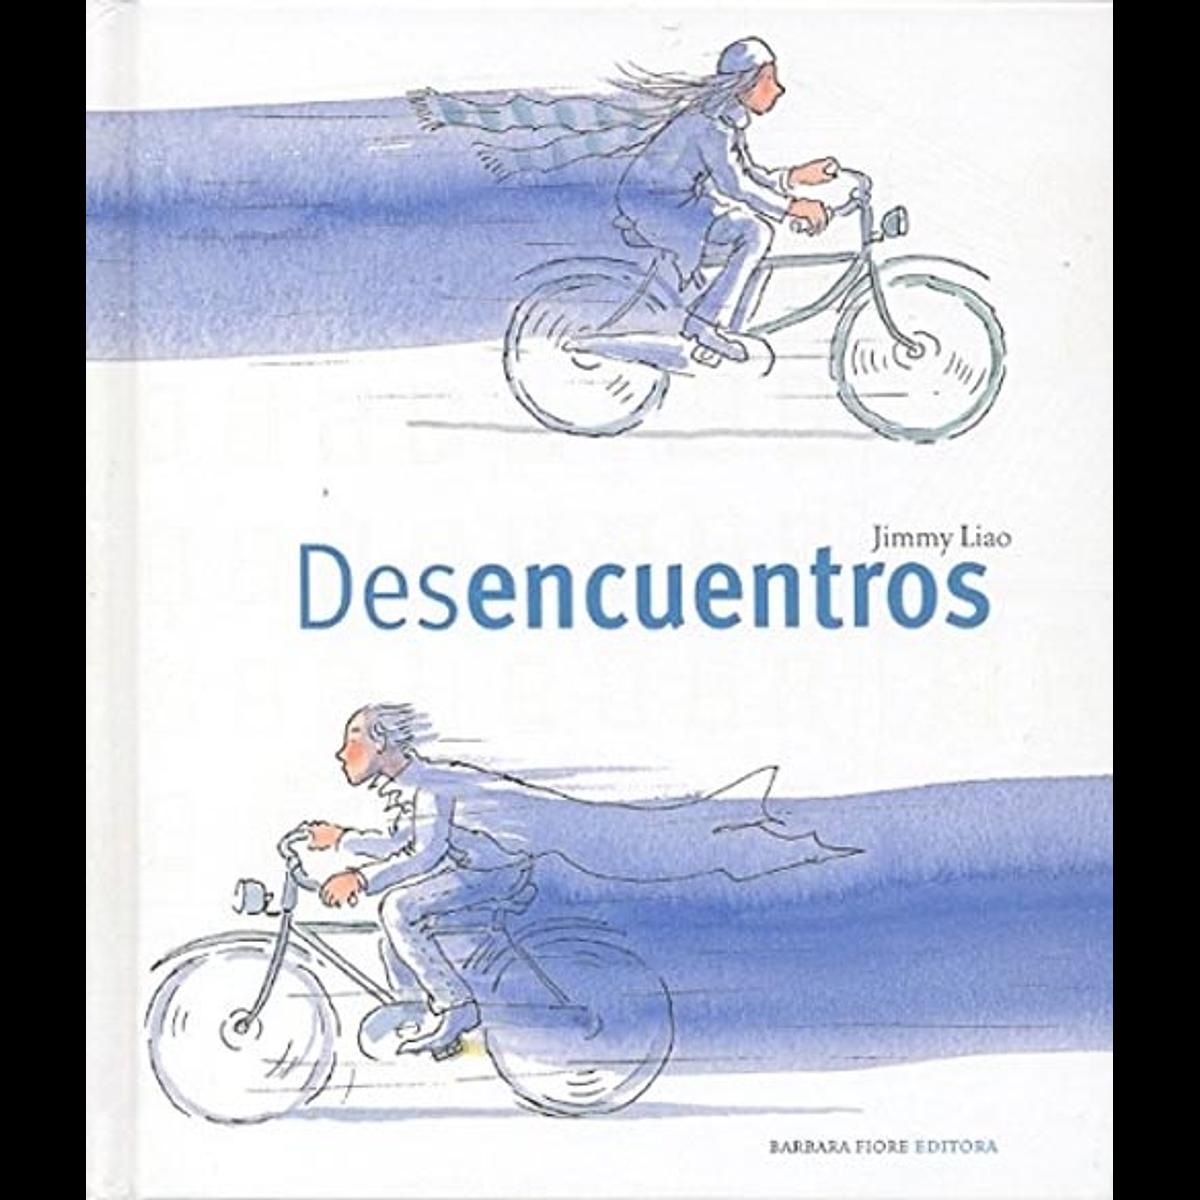 DESENCUENTROS (T.D.)